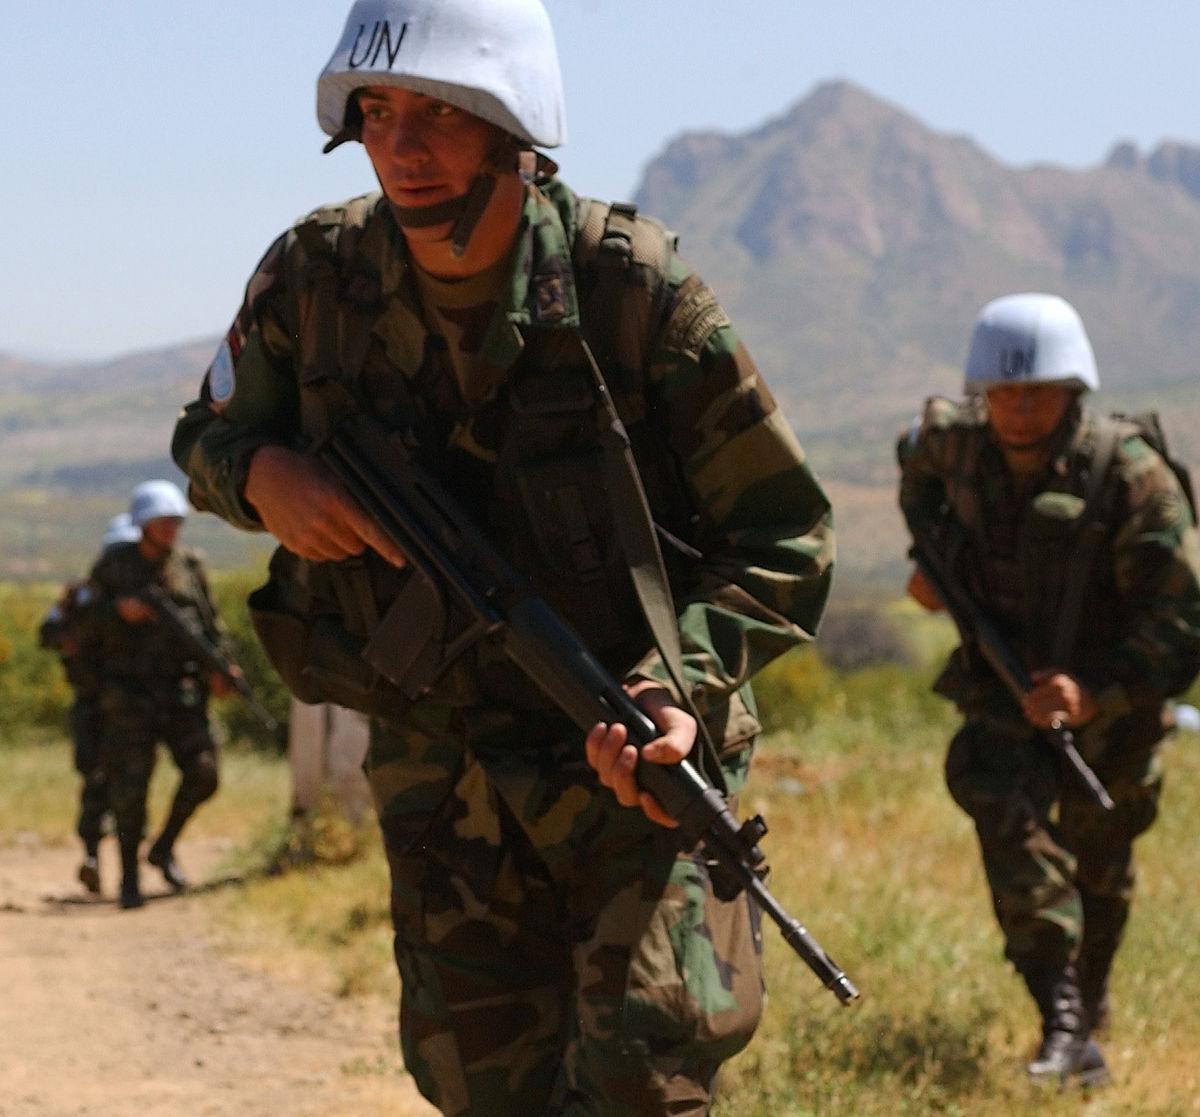 Fuerzas Armadas del Ecuador - Wikipedia, la enciclopedia libre